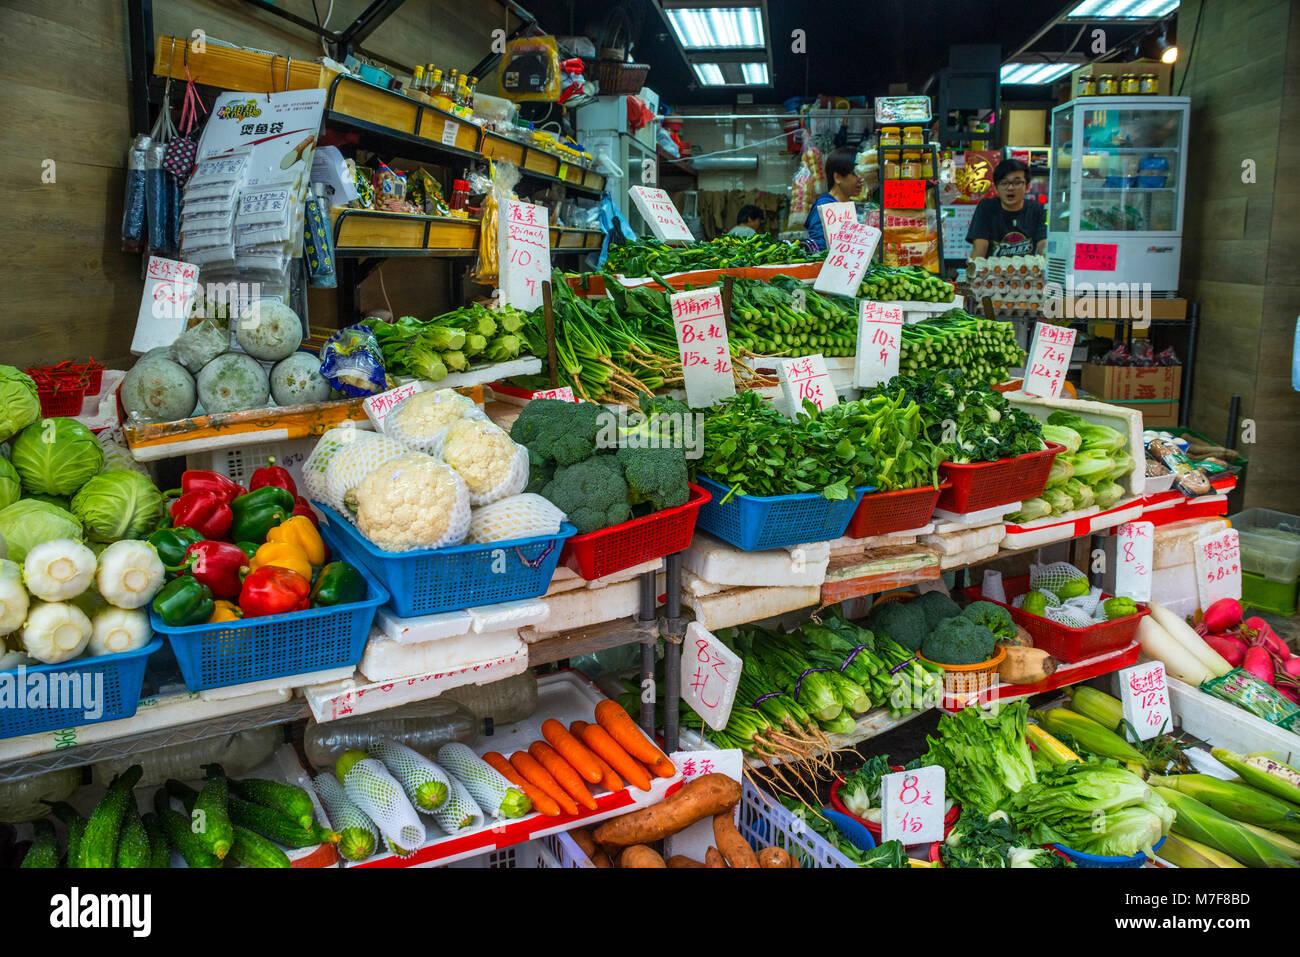 Greengrocer's Shop, Hong Kong - Stock Image